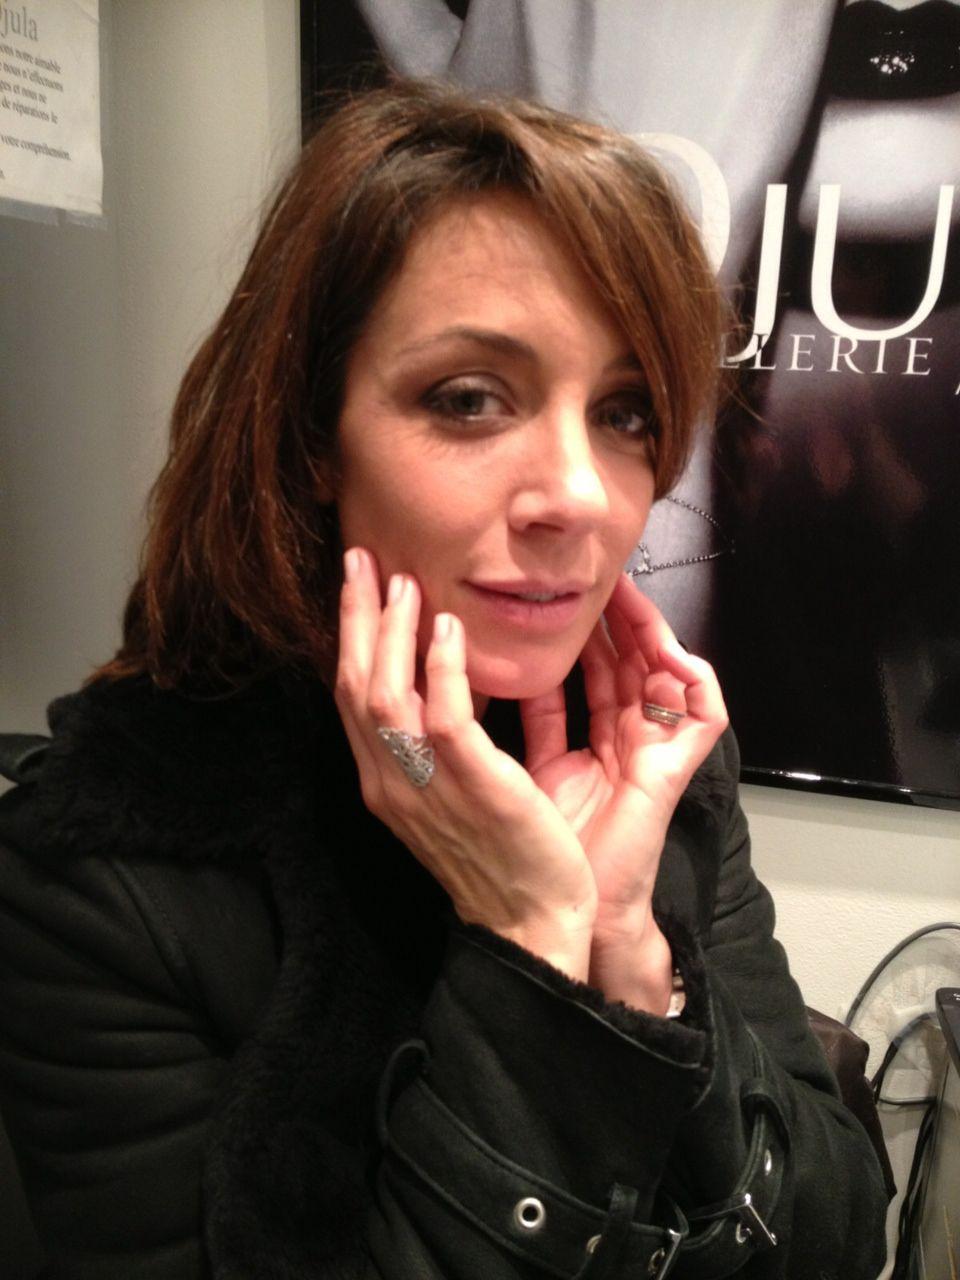 La magnifique Virginie Guillaume adore la bague Multicoeur @DjulaParis, #Djula, #Joaillerie